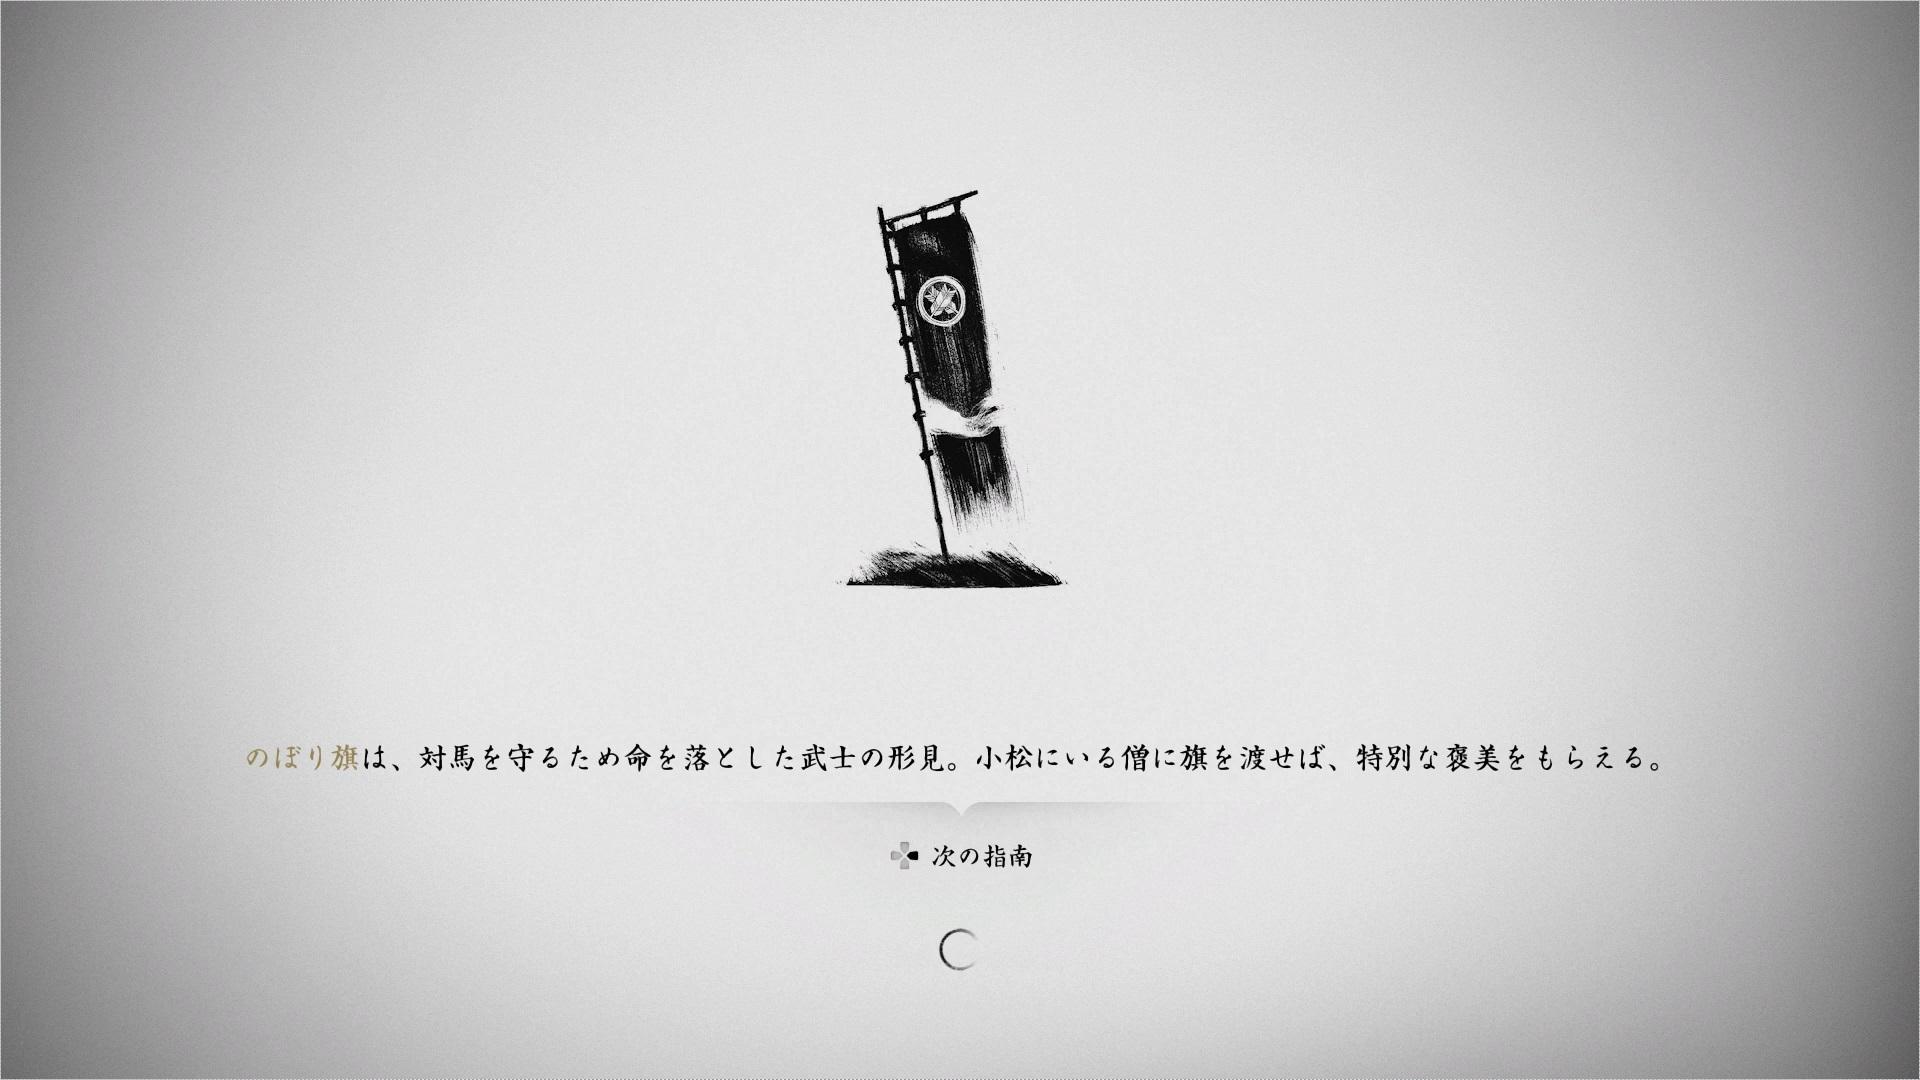 のぼり旗は、対馬を守るため命を落とした武士の形見。小松にいる僧に旗を渡せば、特別な褒美をもらえる。